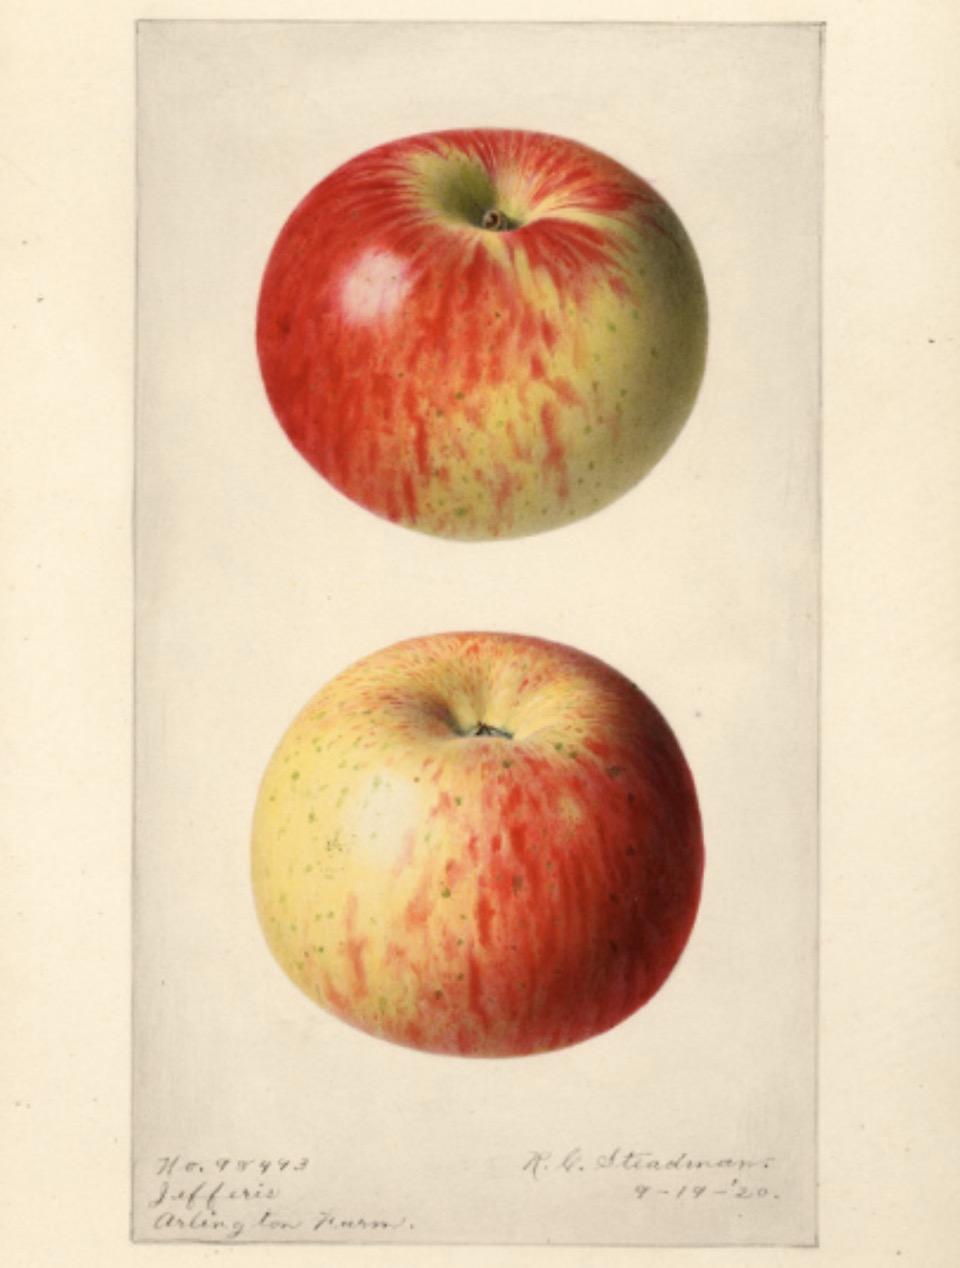 Historische Abbildung eines gelblich-rötlichen Apfels aus zwei Ansichten; USDA